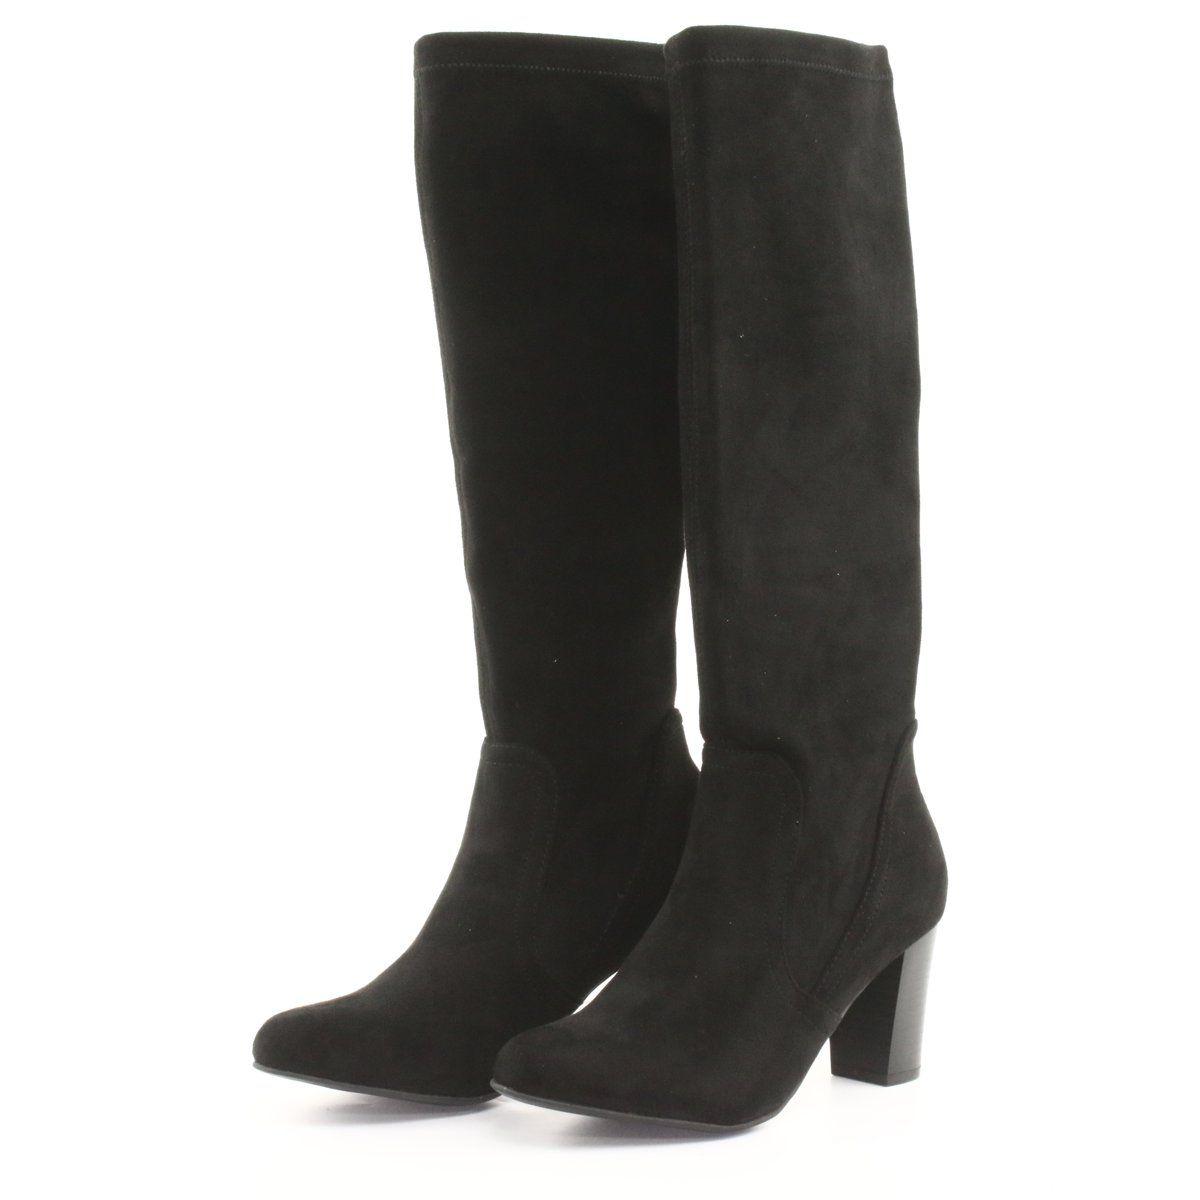 Kozaki Damskie Stretch Caprice Czarne Womens Boots Black Boots Women Boots